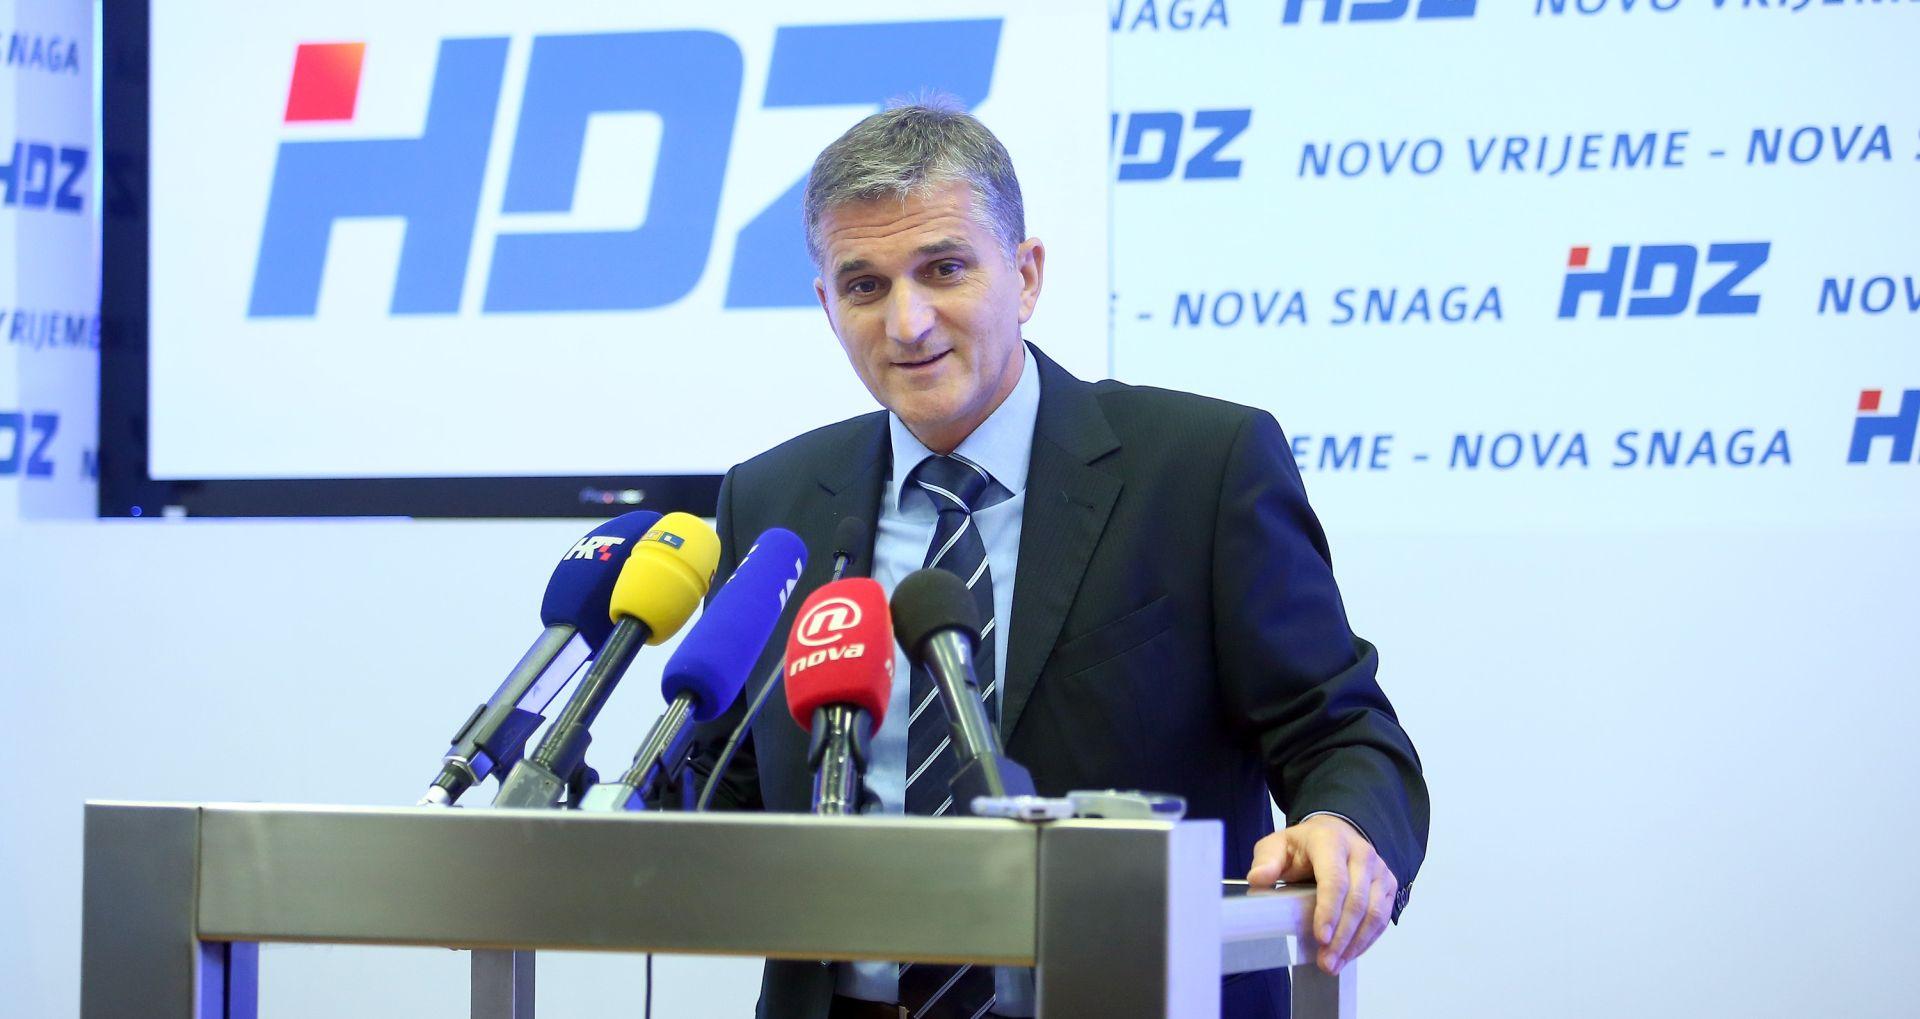 IZBORI 2015. Goran Marić: SDP-ov slogan 'Hrvatska raste' obična je podvala i laž